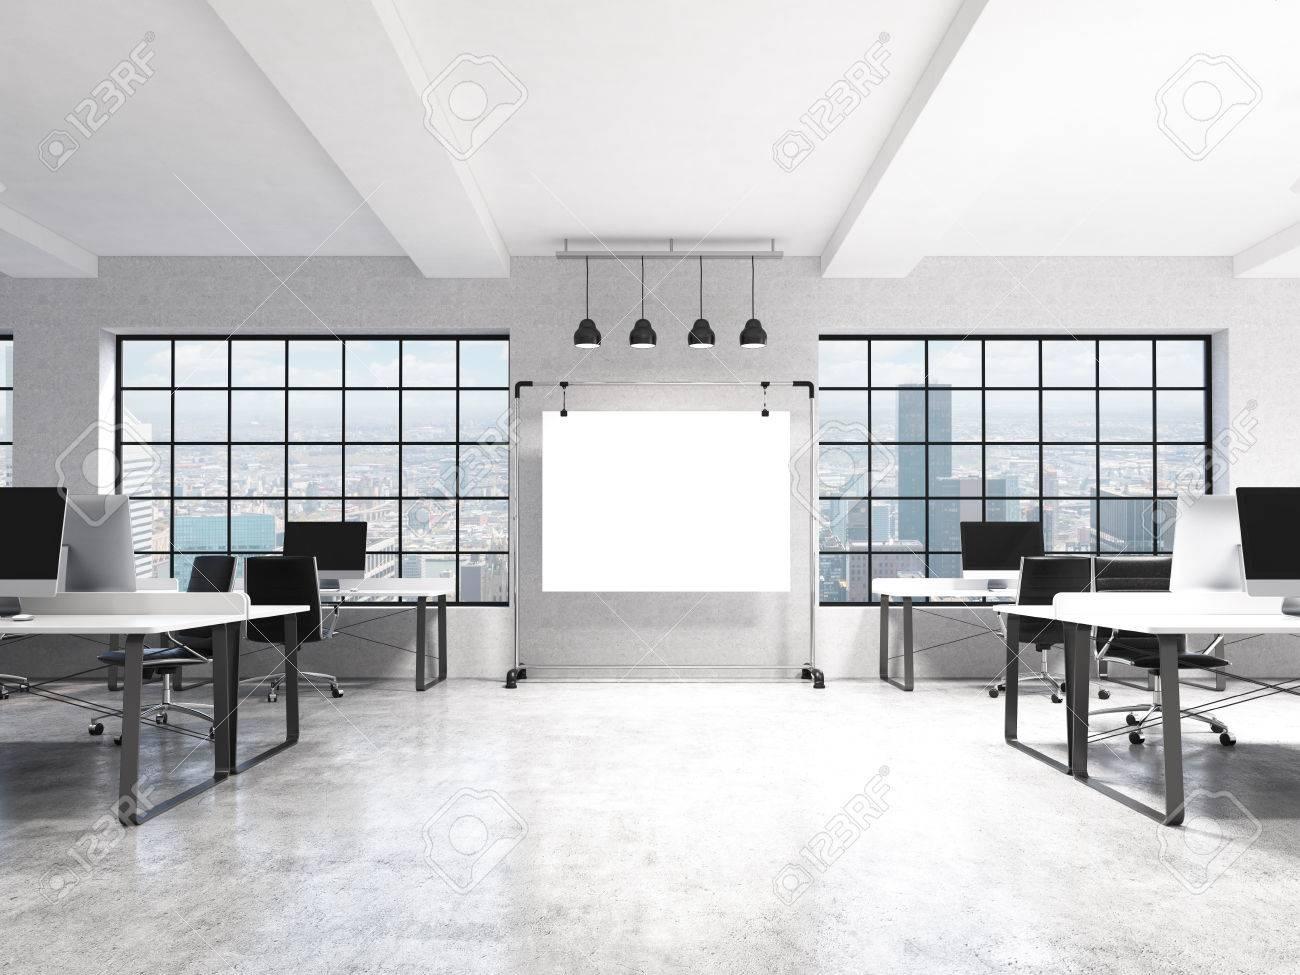 Deux rangées de tables d ordinateur dans un bureau moderne à aire